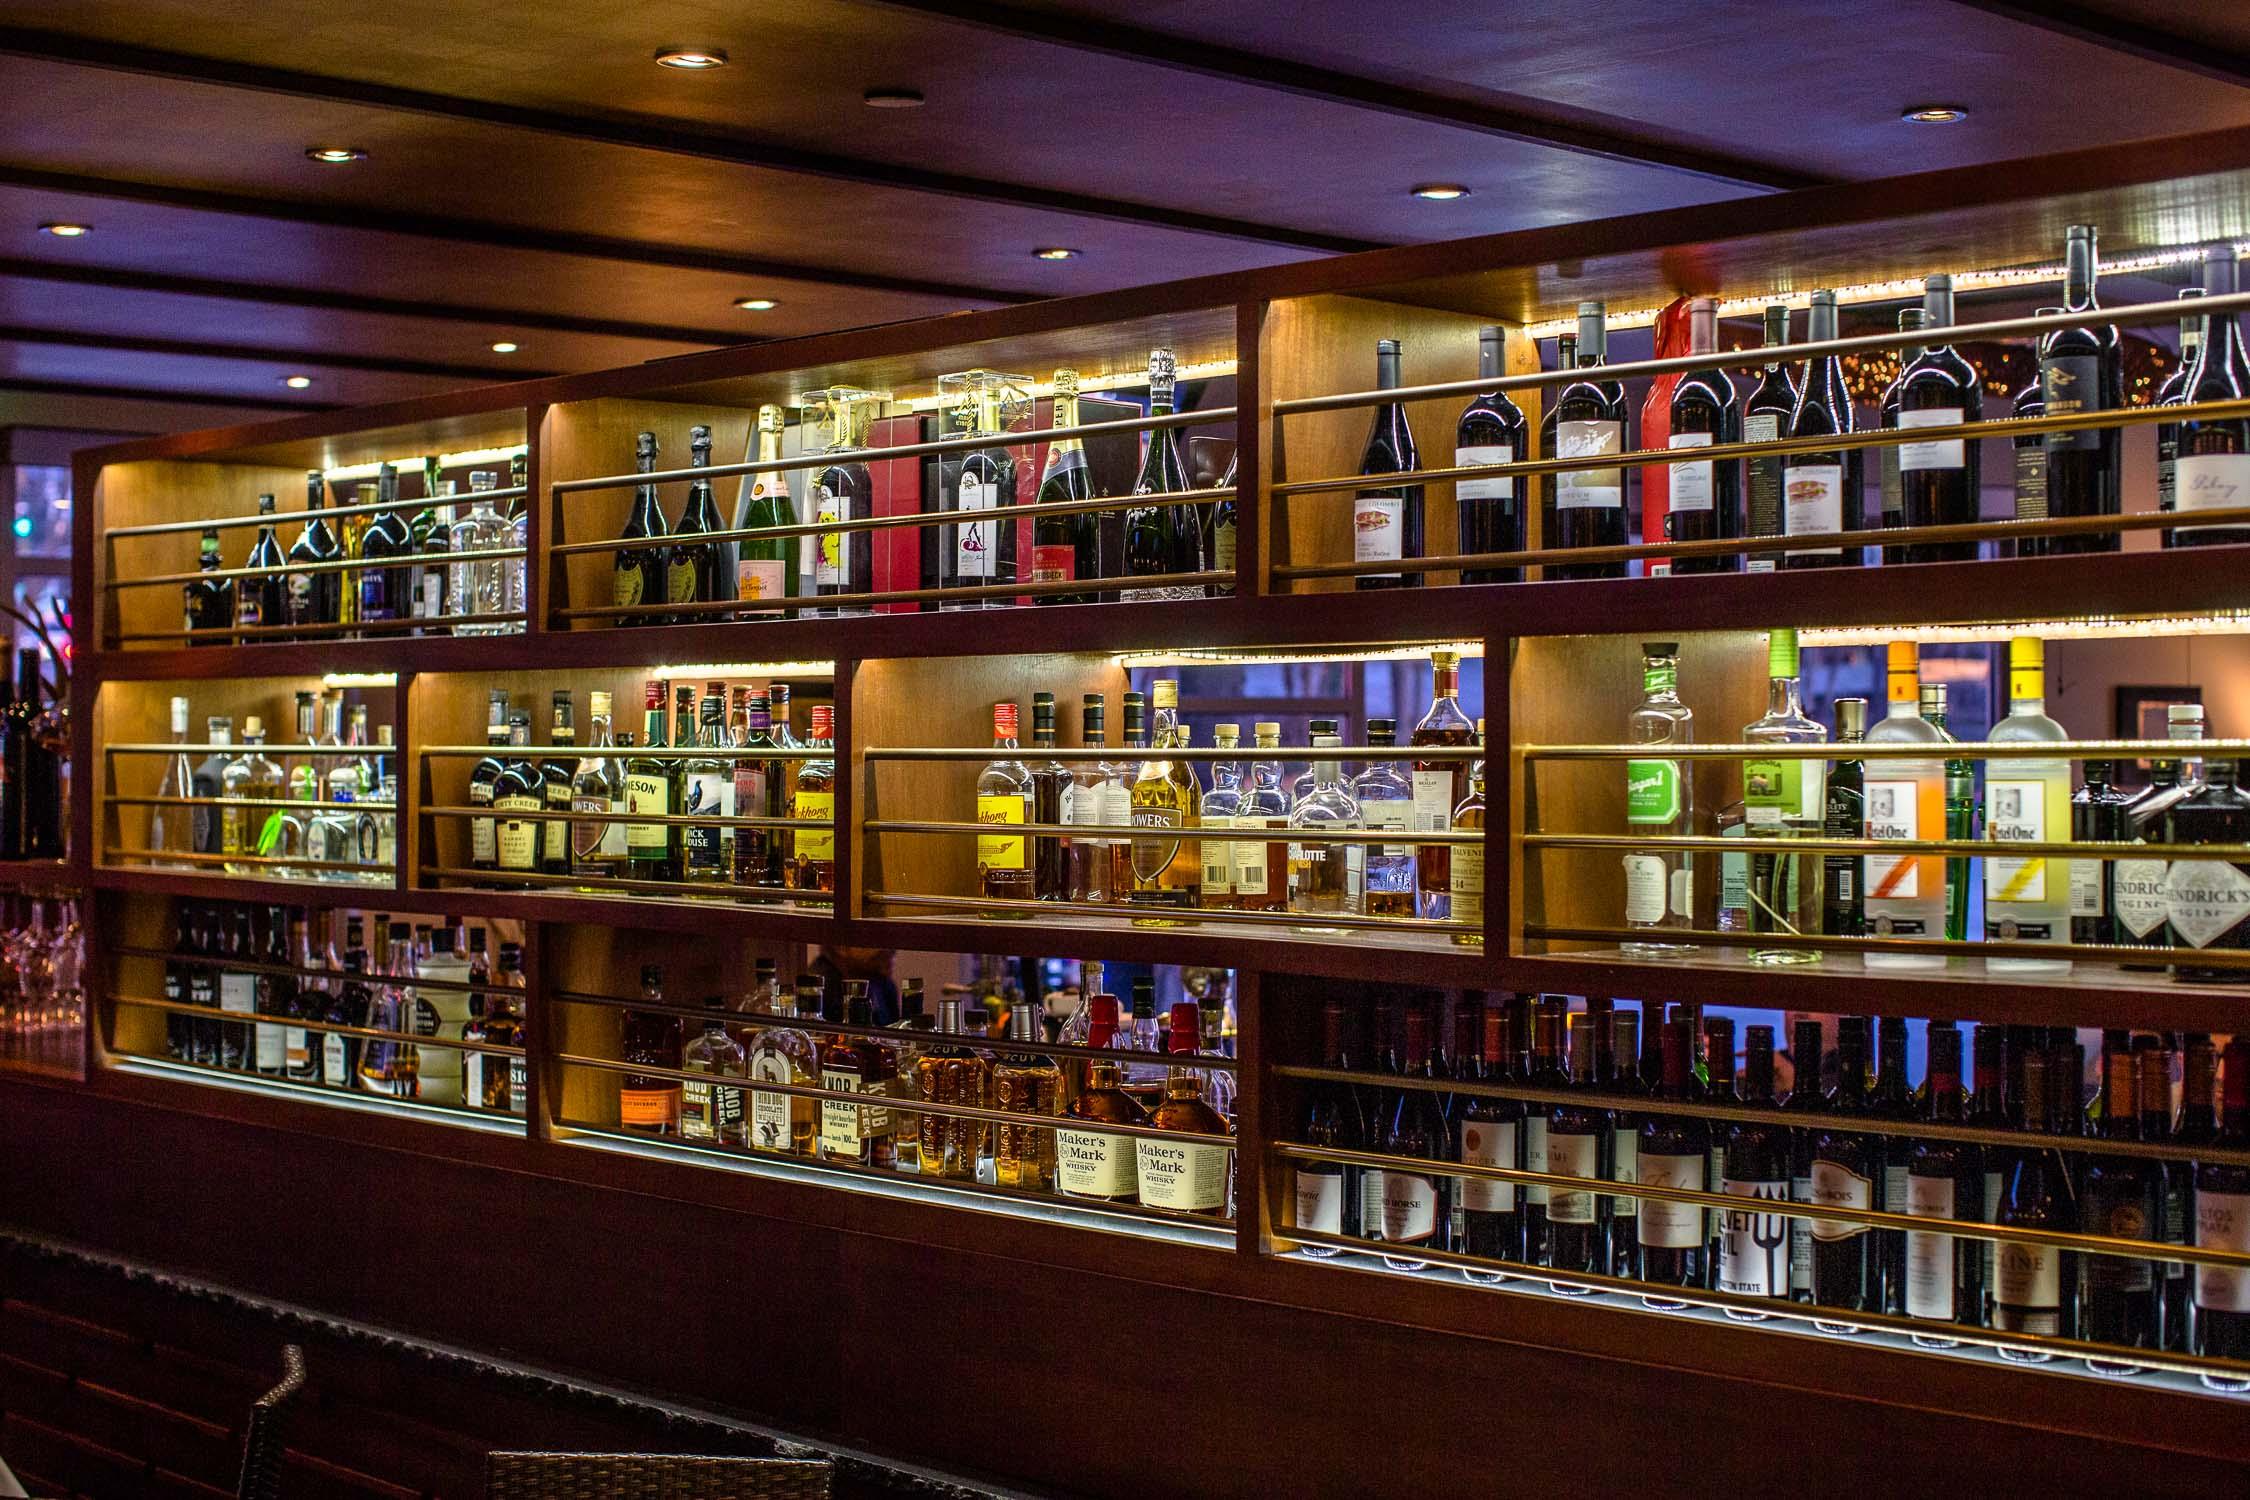 Nan-Thai-Fine-Dining-Bar-at-Night-Erik-Meadows